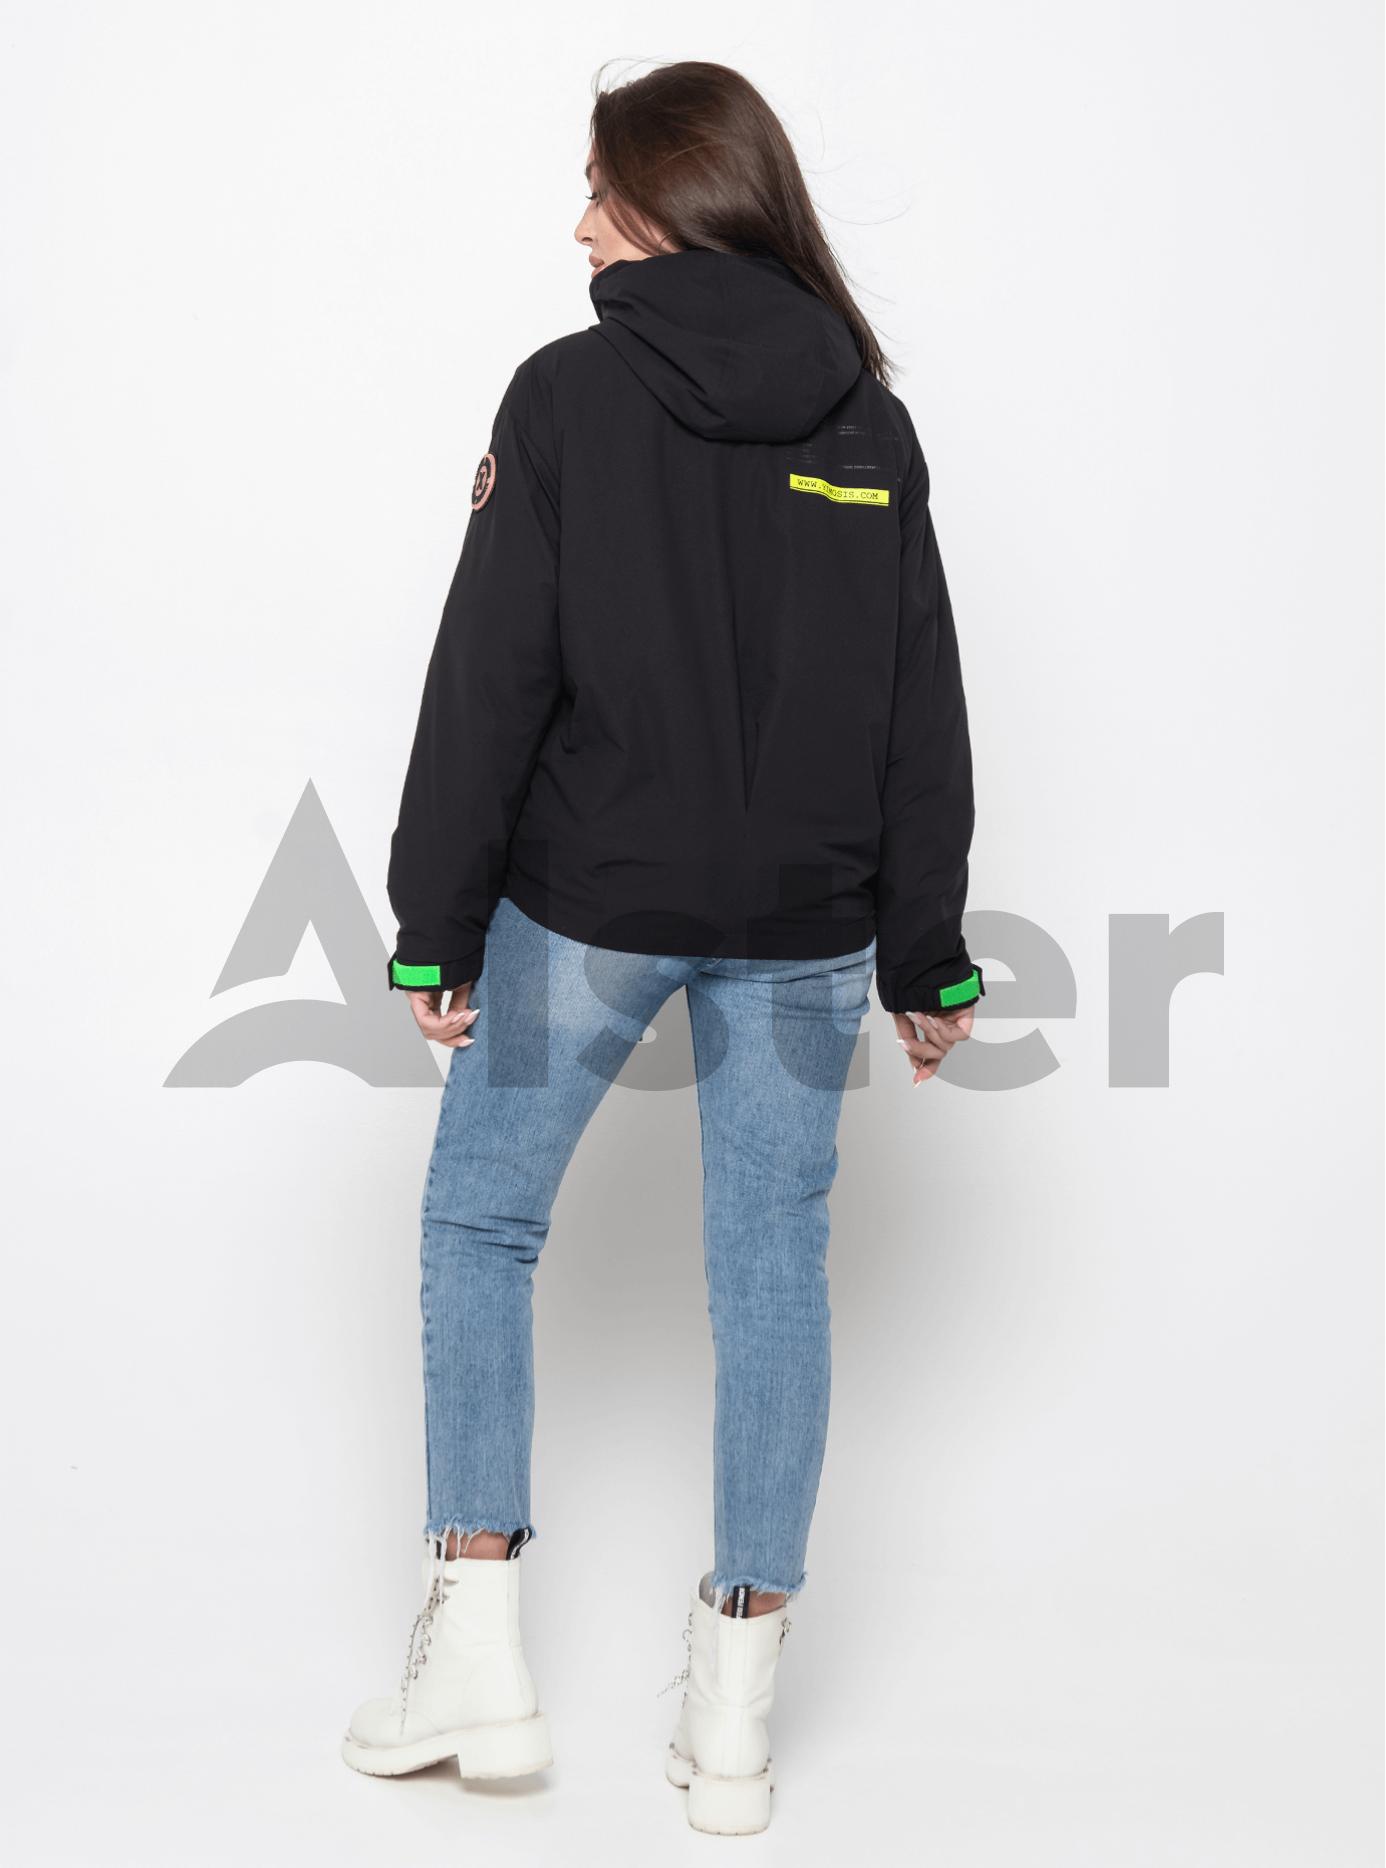 Куртка демисезонная с круглыми карманами Чёрный L (02-Y191067): фото - Alster.ua